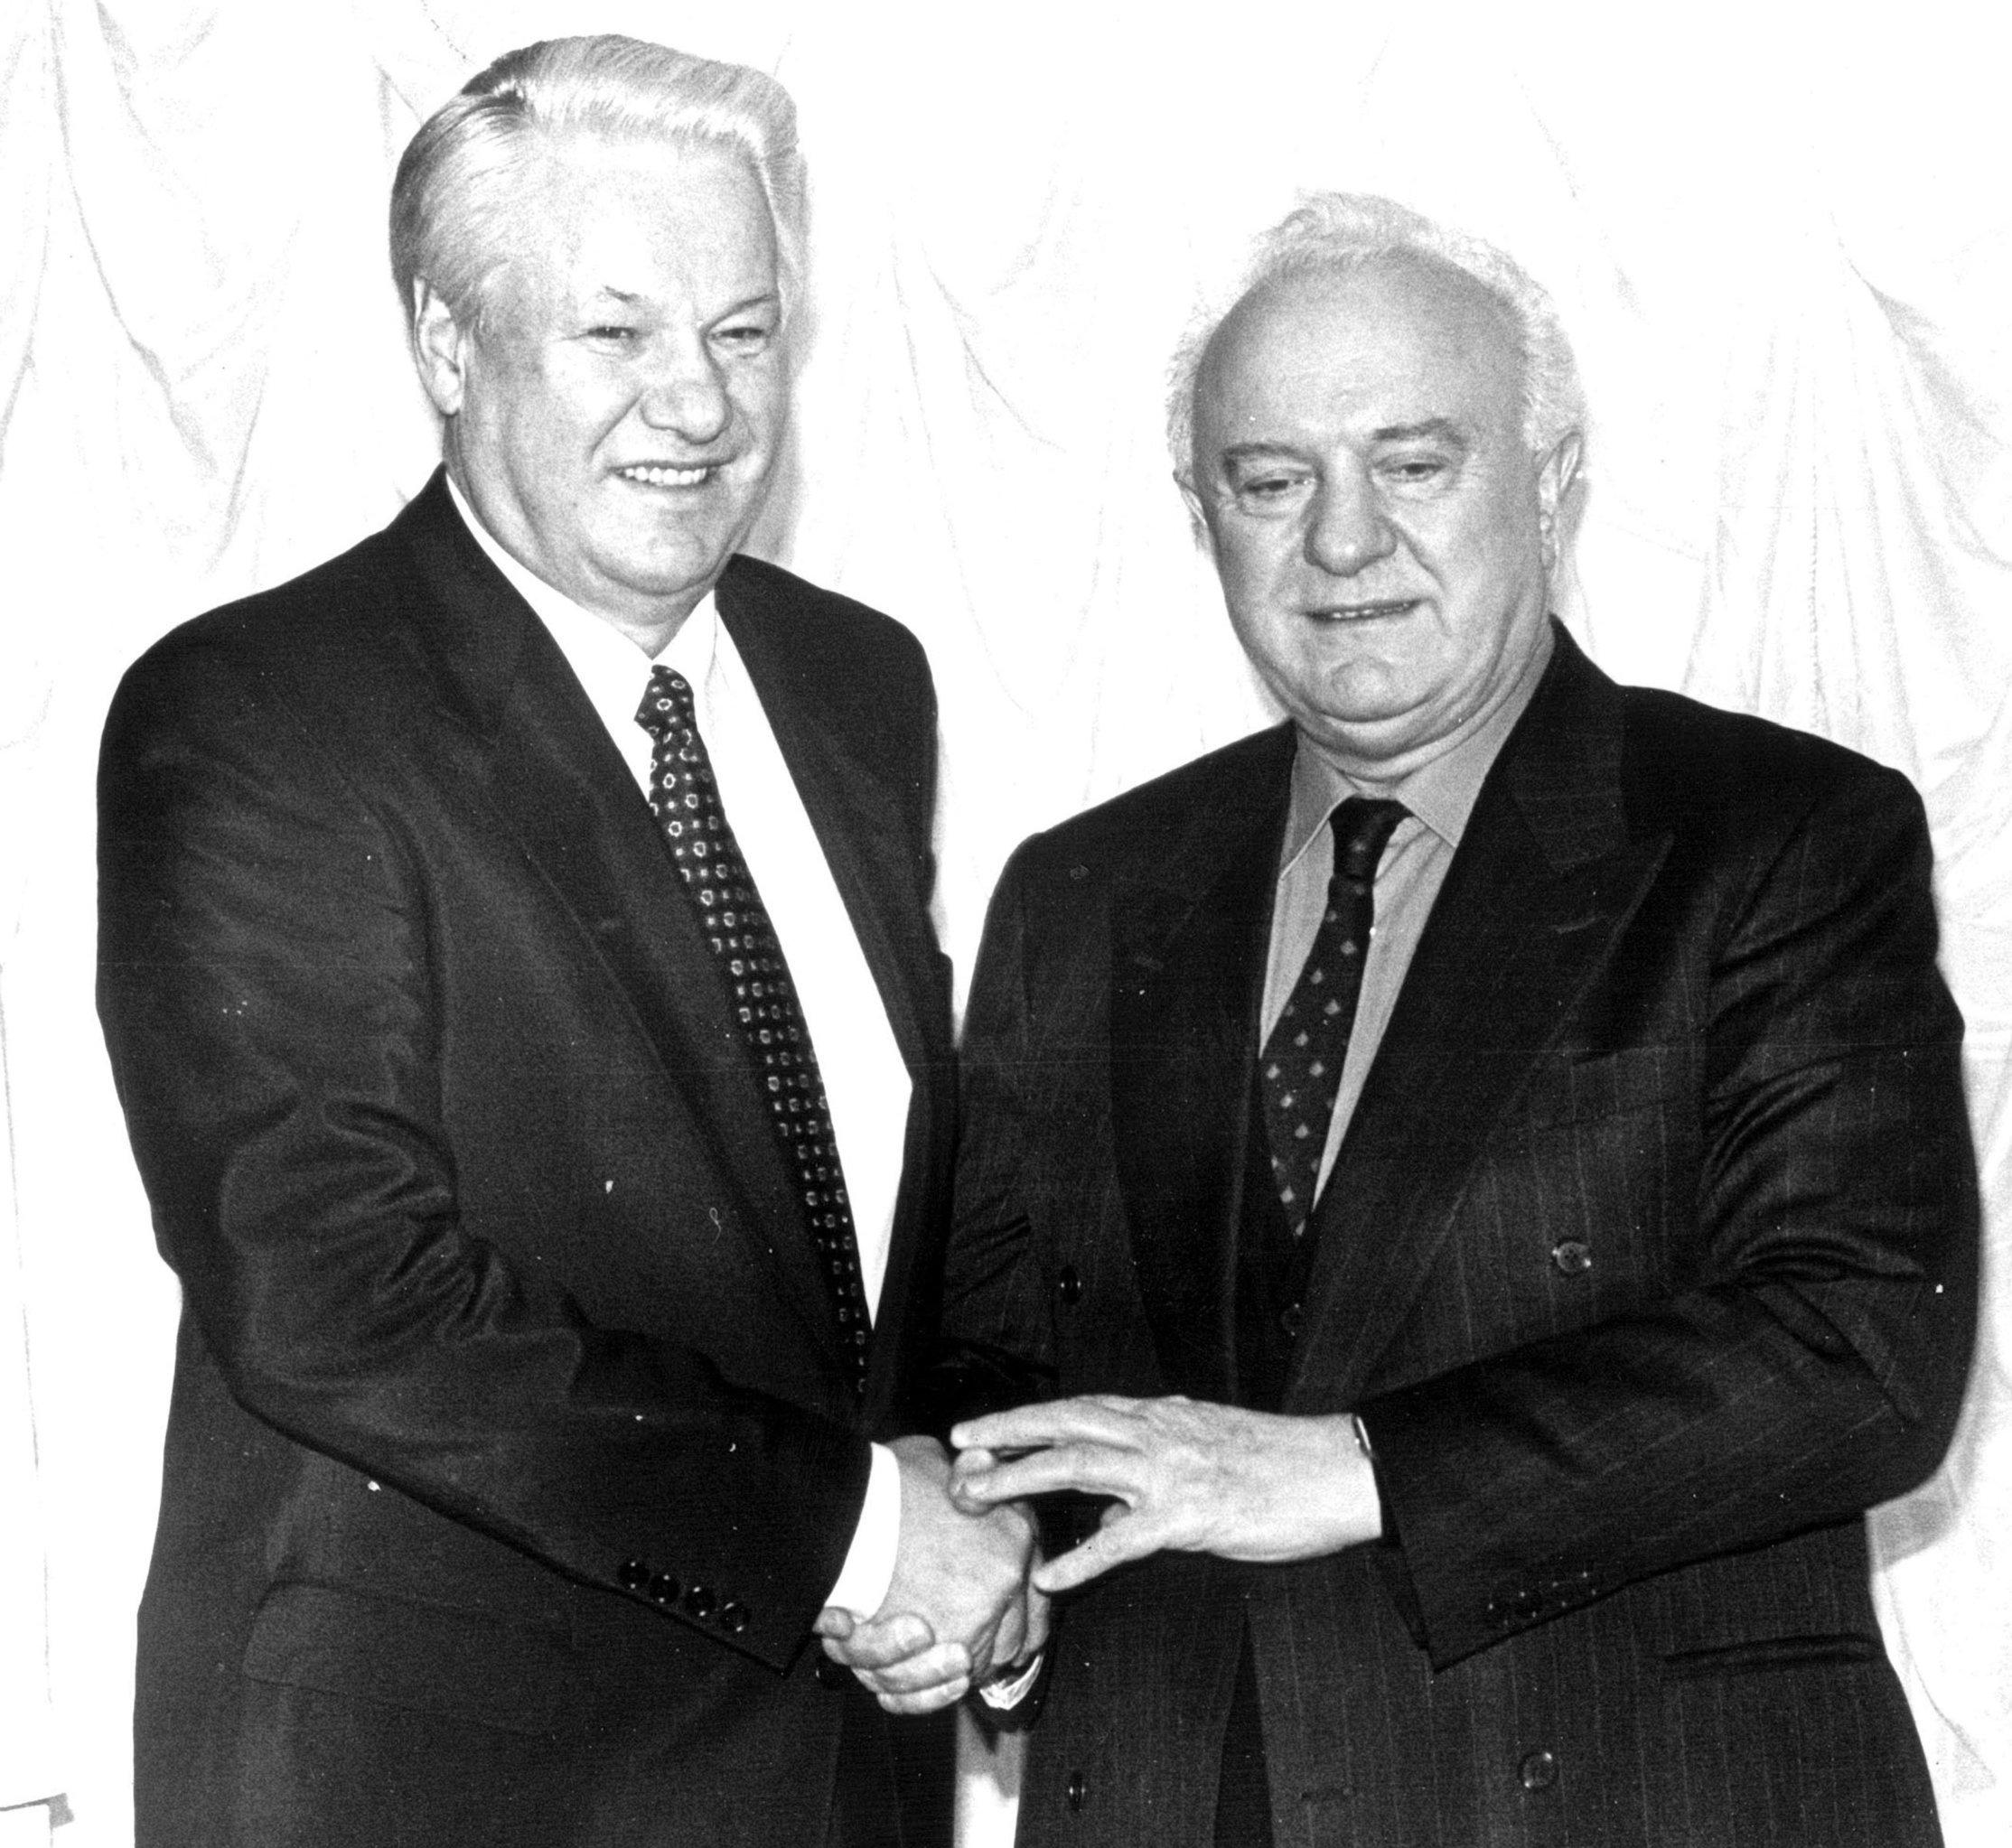 Борис Николаевич Ельцин и Эдуард Амвросиевич Шеварднадзе